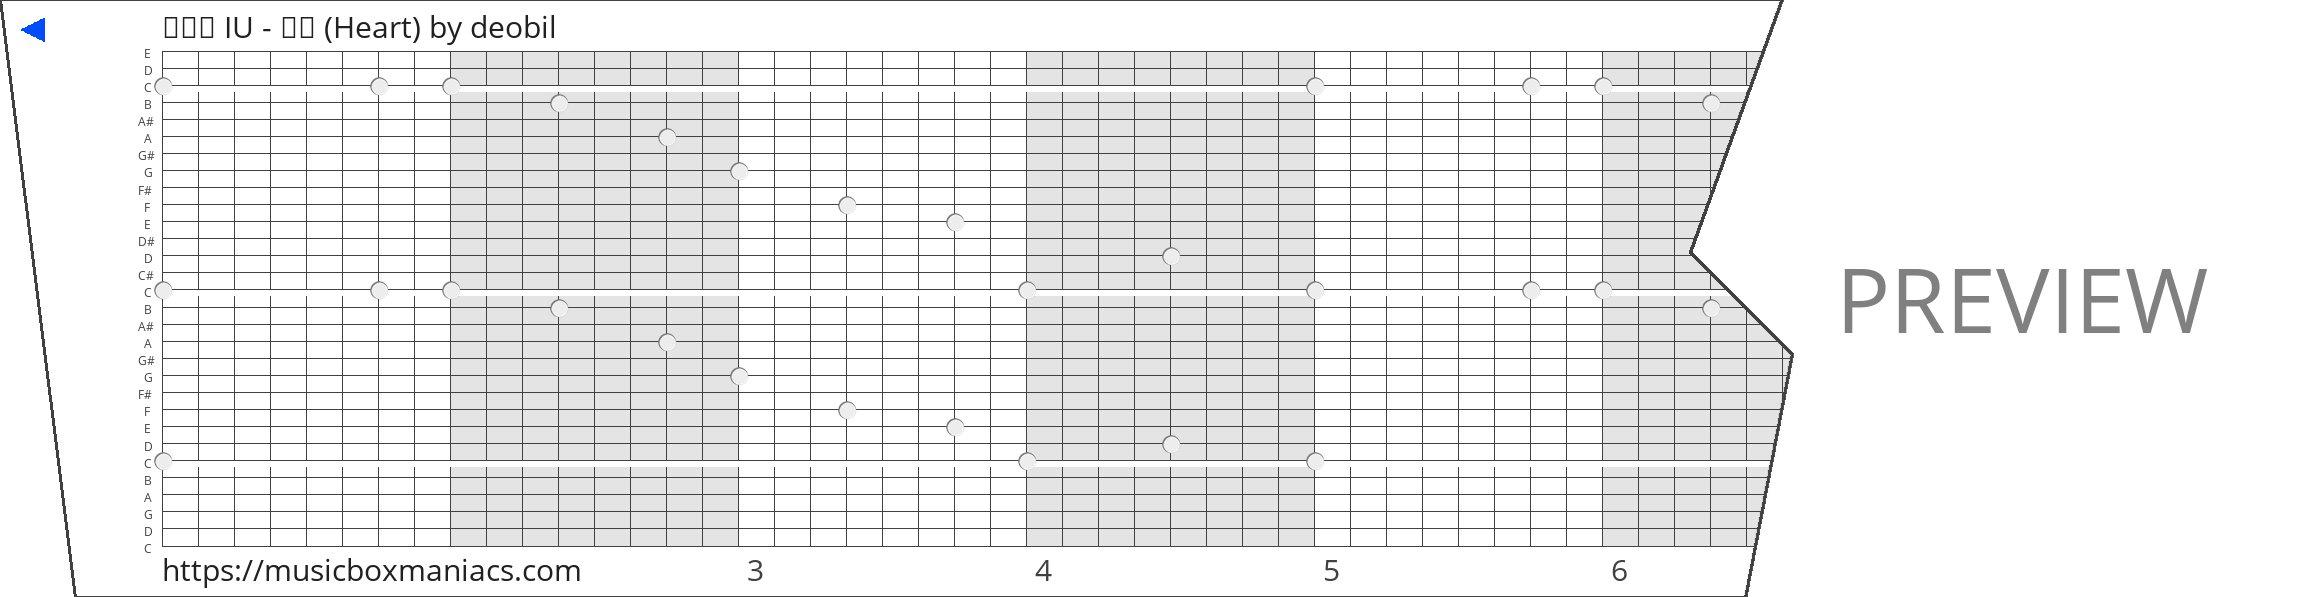 아이유 IU - 마음 (Heart) 30 note music box paper strip